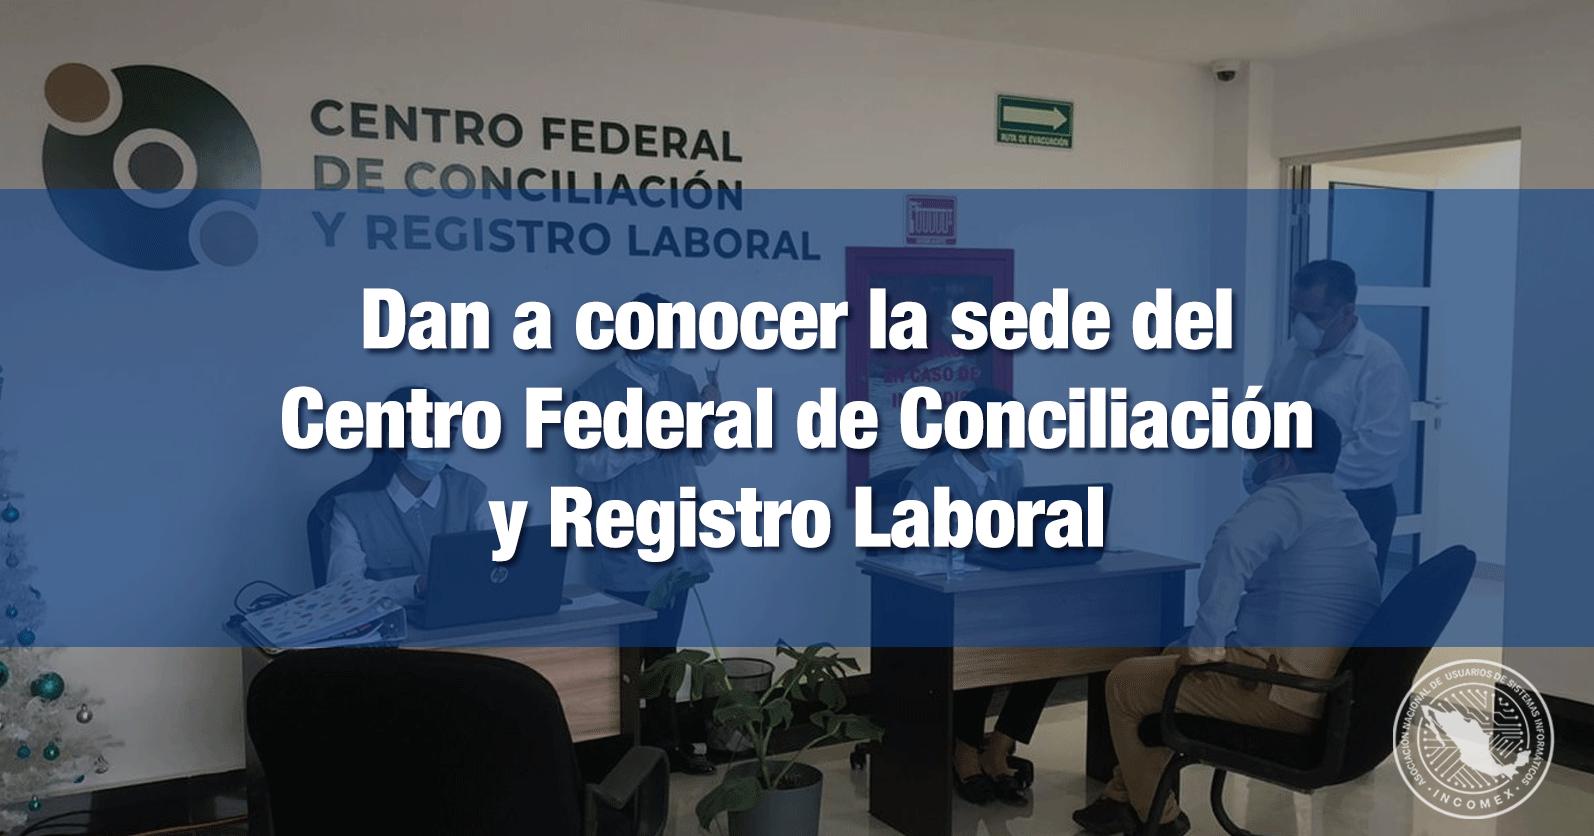 Dan a conocer la sede del Centro Federal de Conciliación y Registro Laboral